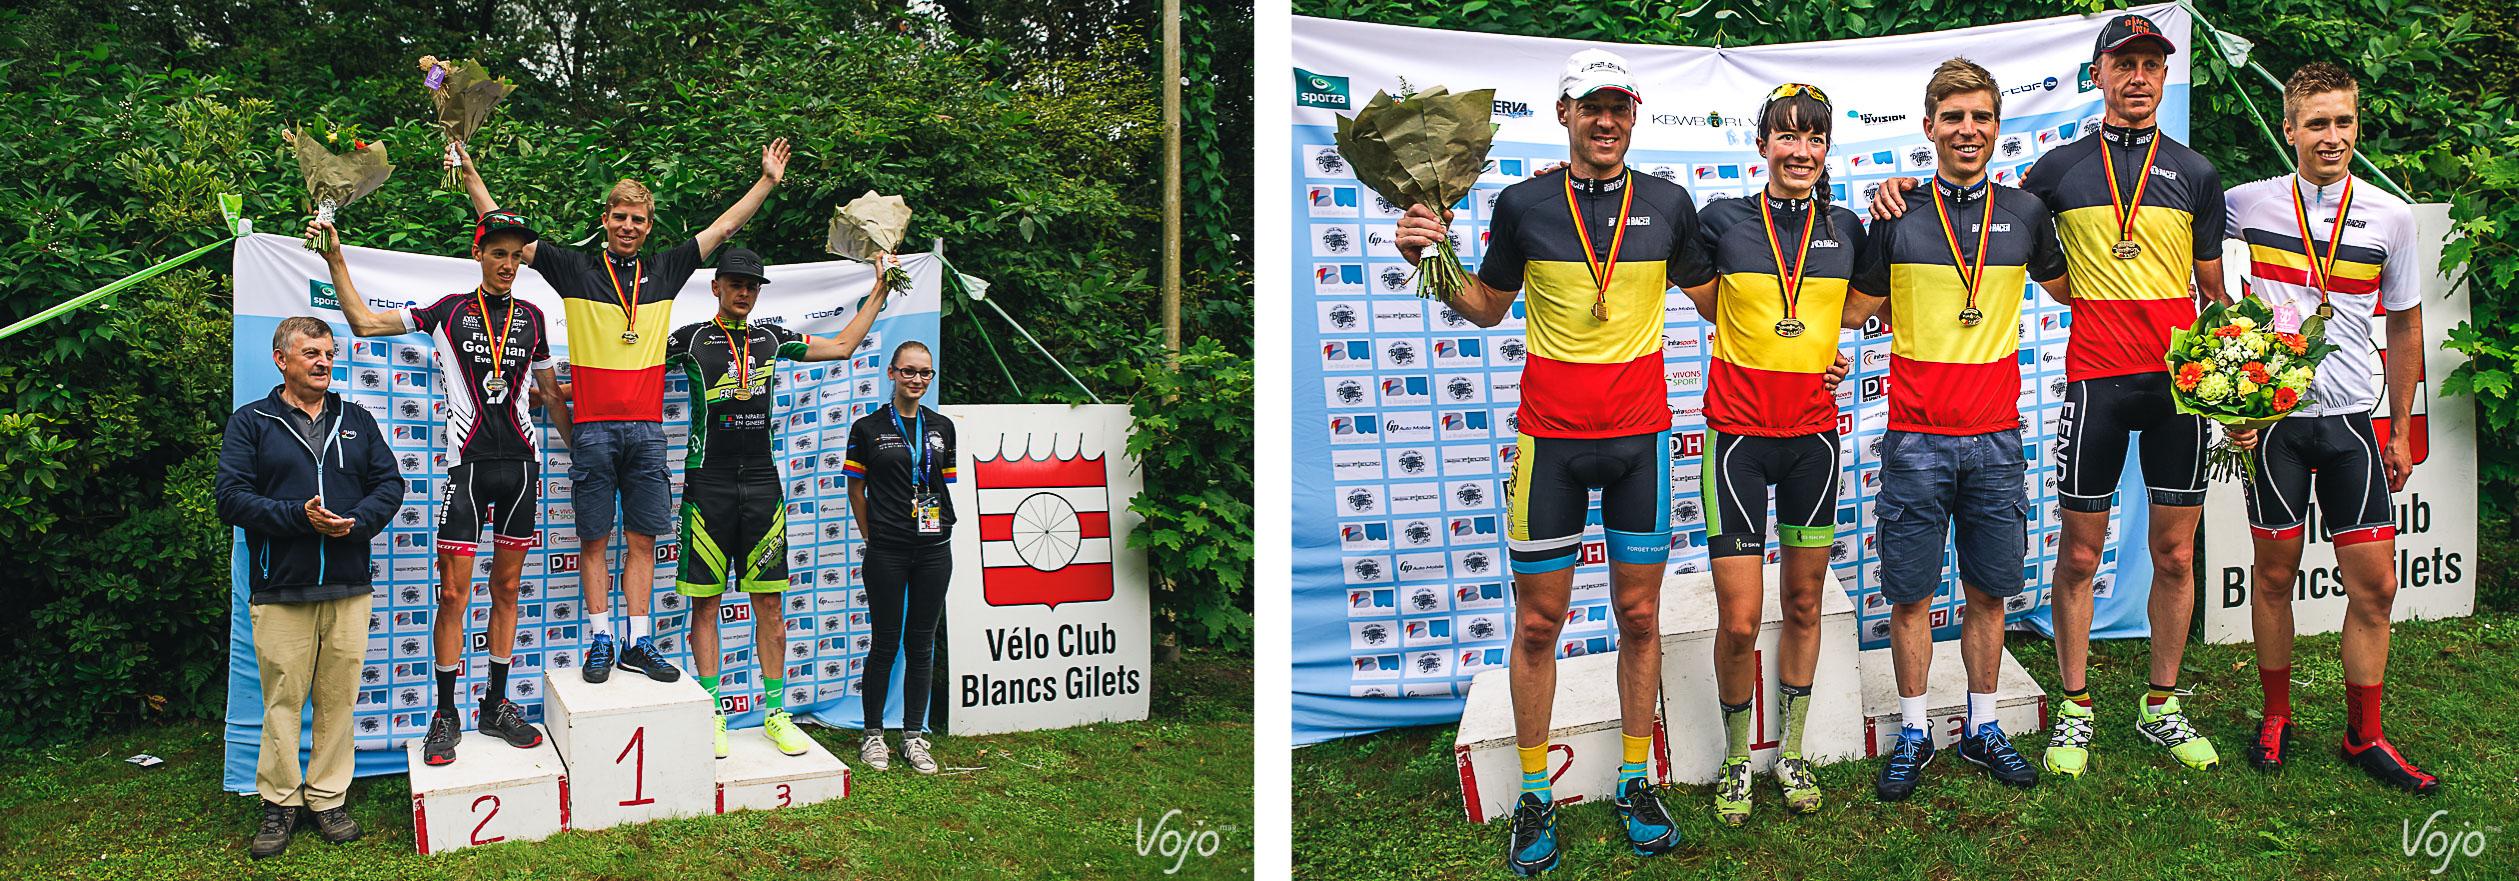 5-Podium_Championnat_Belgique_Marathon_2015_Frans_Claes_Copyright_VojoMagdotcom